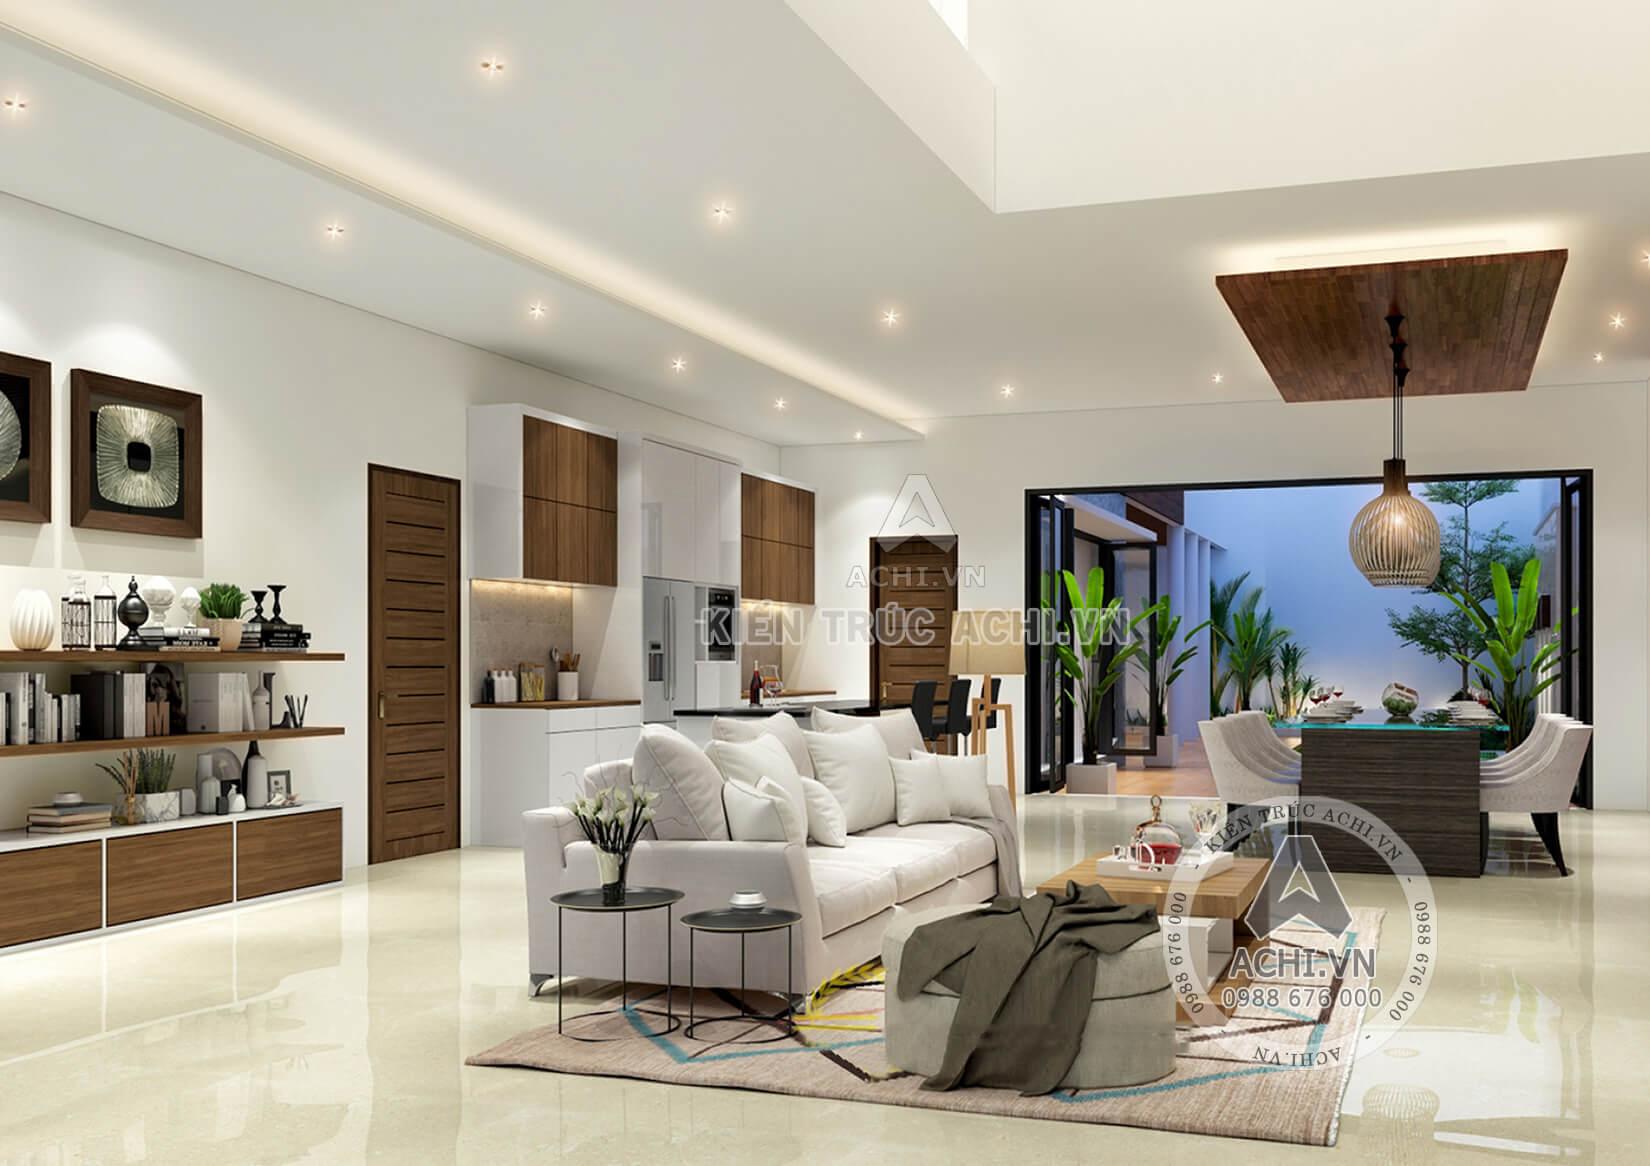 Nội thất phòng khách đẹp của mẫu biệt thự 2 tầng hiện đại